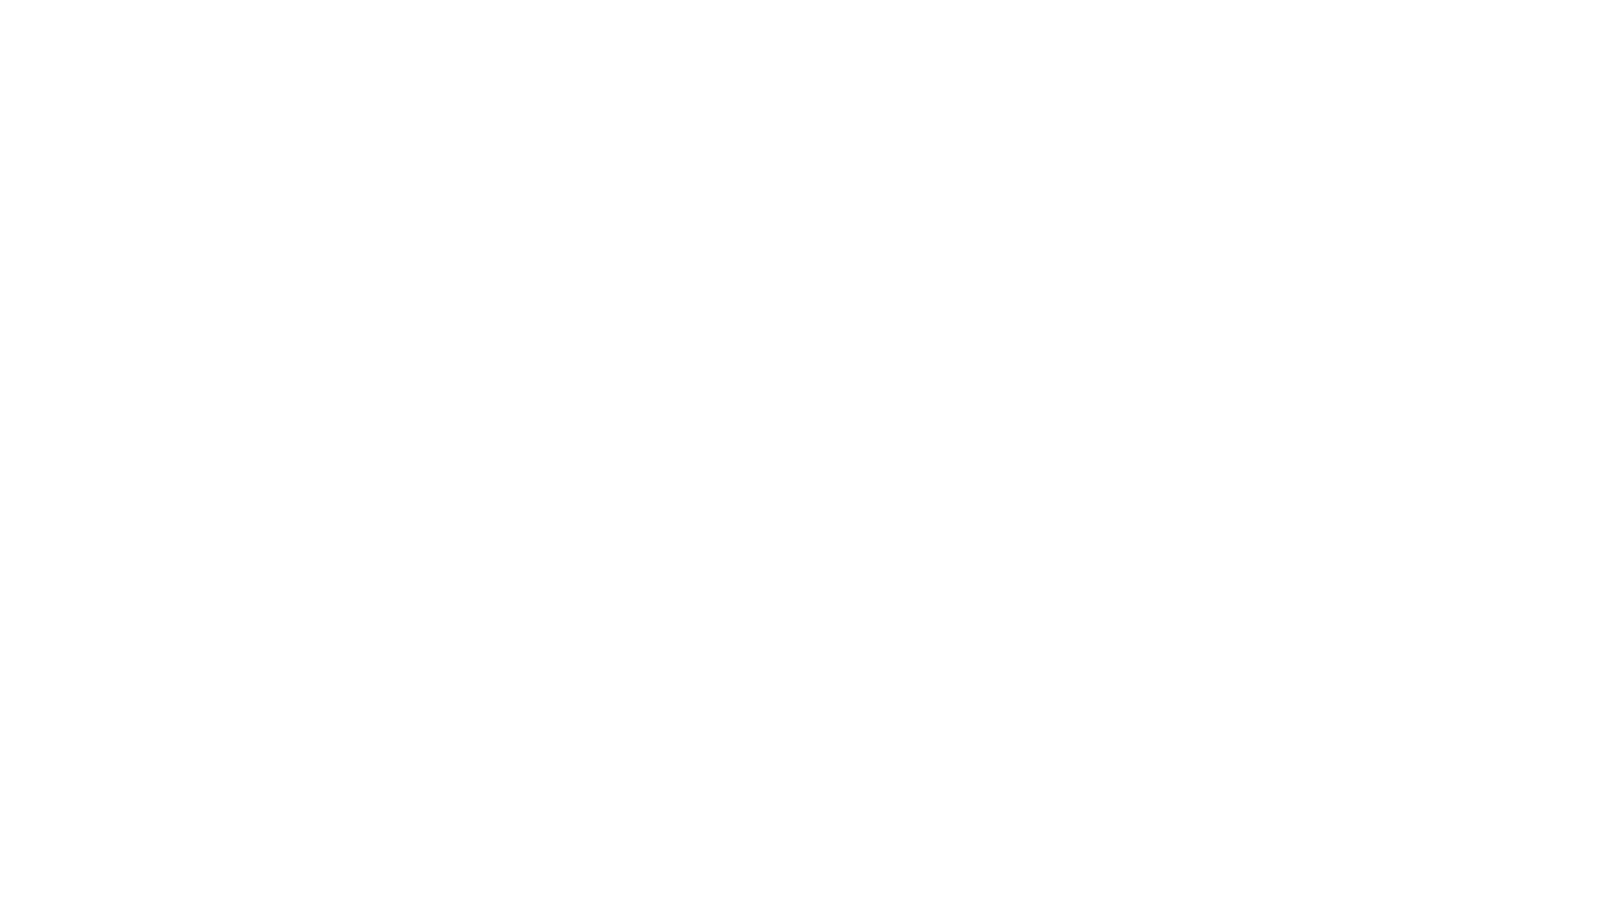 Danışman İş Ortağımız Lale Saral Develioğlu, doğru karar verebilmek için kararları etkileyen faktörlerin iyi anlaşılmasının öneminden ve bu faktörlerin karar sürecindeki rollerinden bahsediyor.